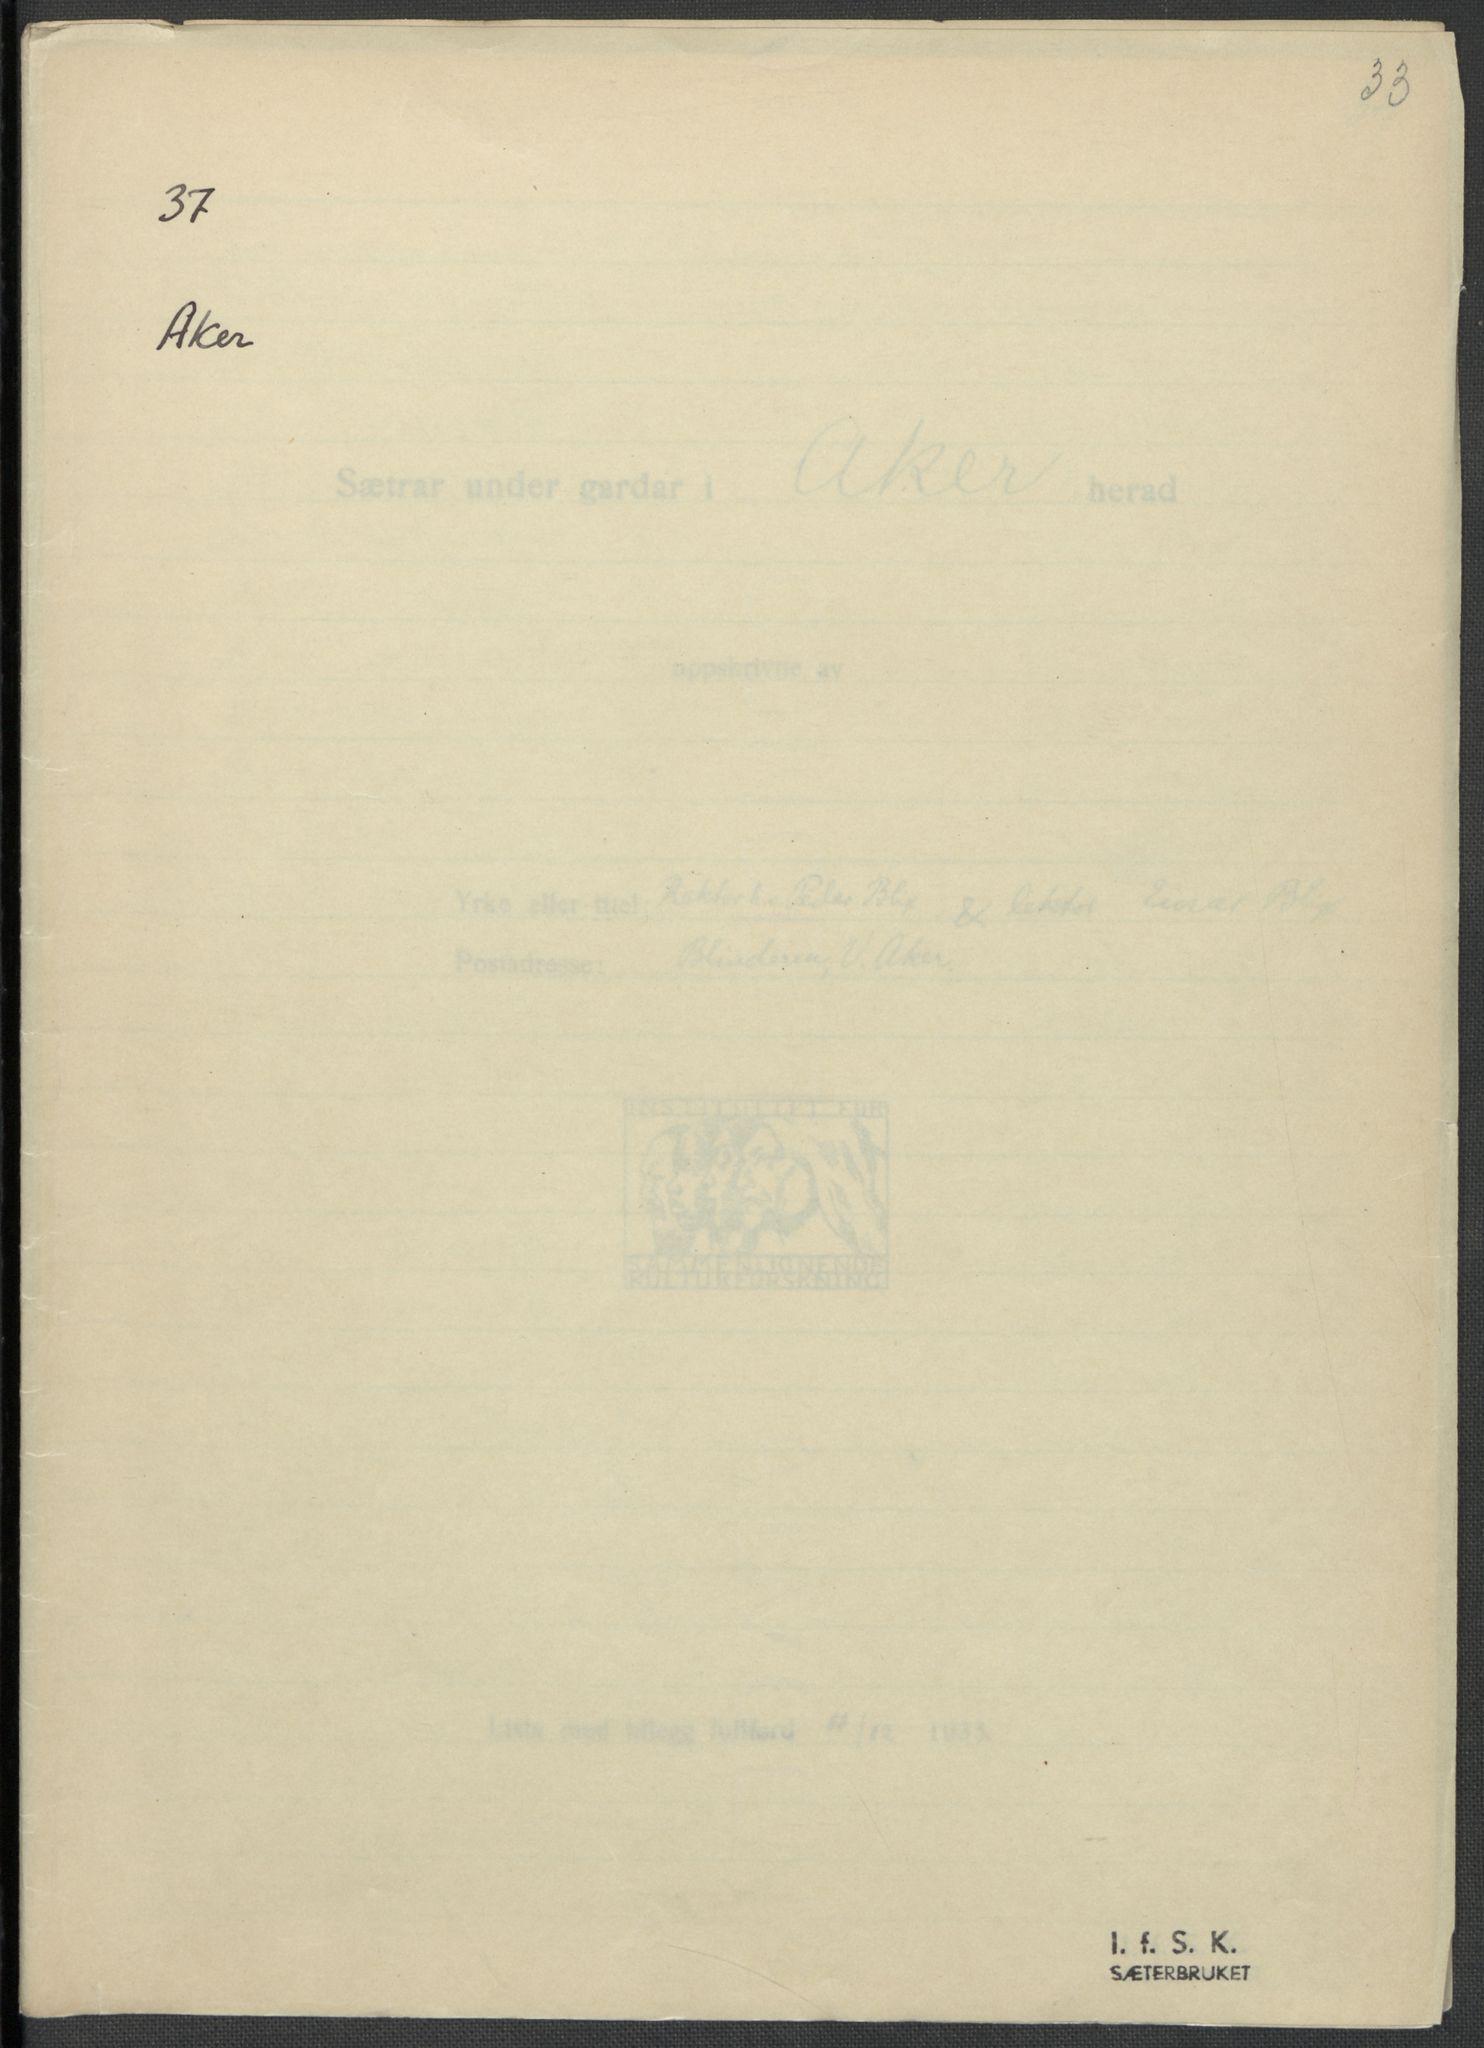 RA, Instituttet for sammenlignende kulturforskning, F/Fc/L0002: Eske B2:, 1932-1936, s. 33